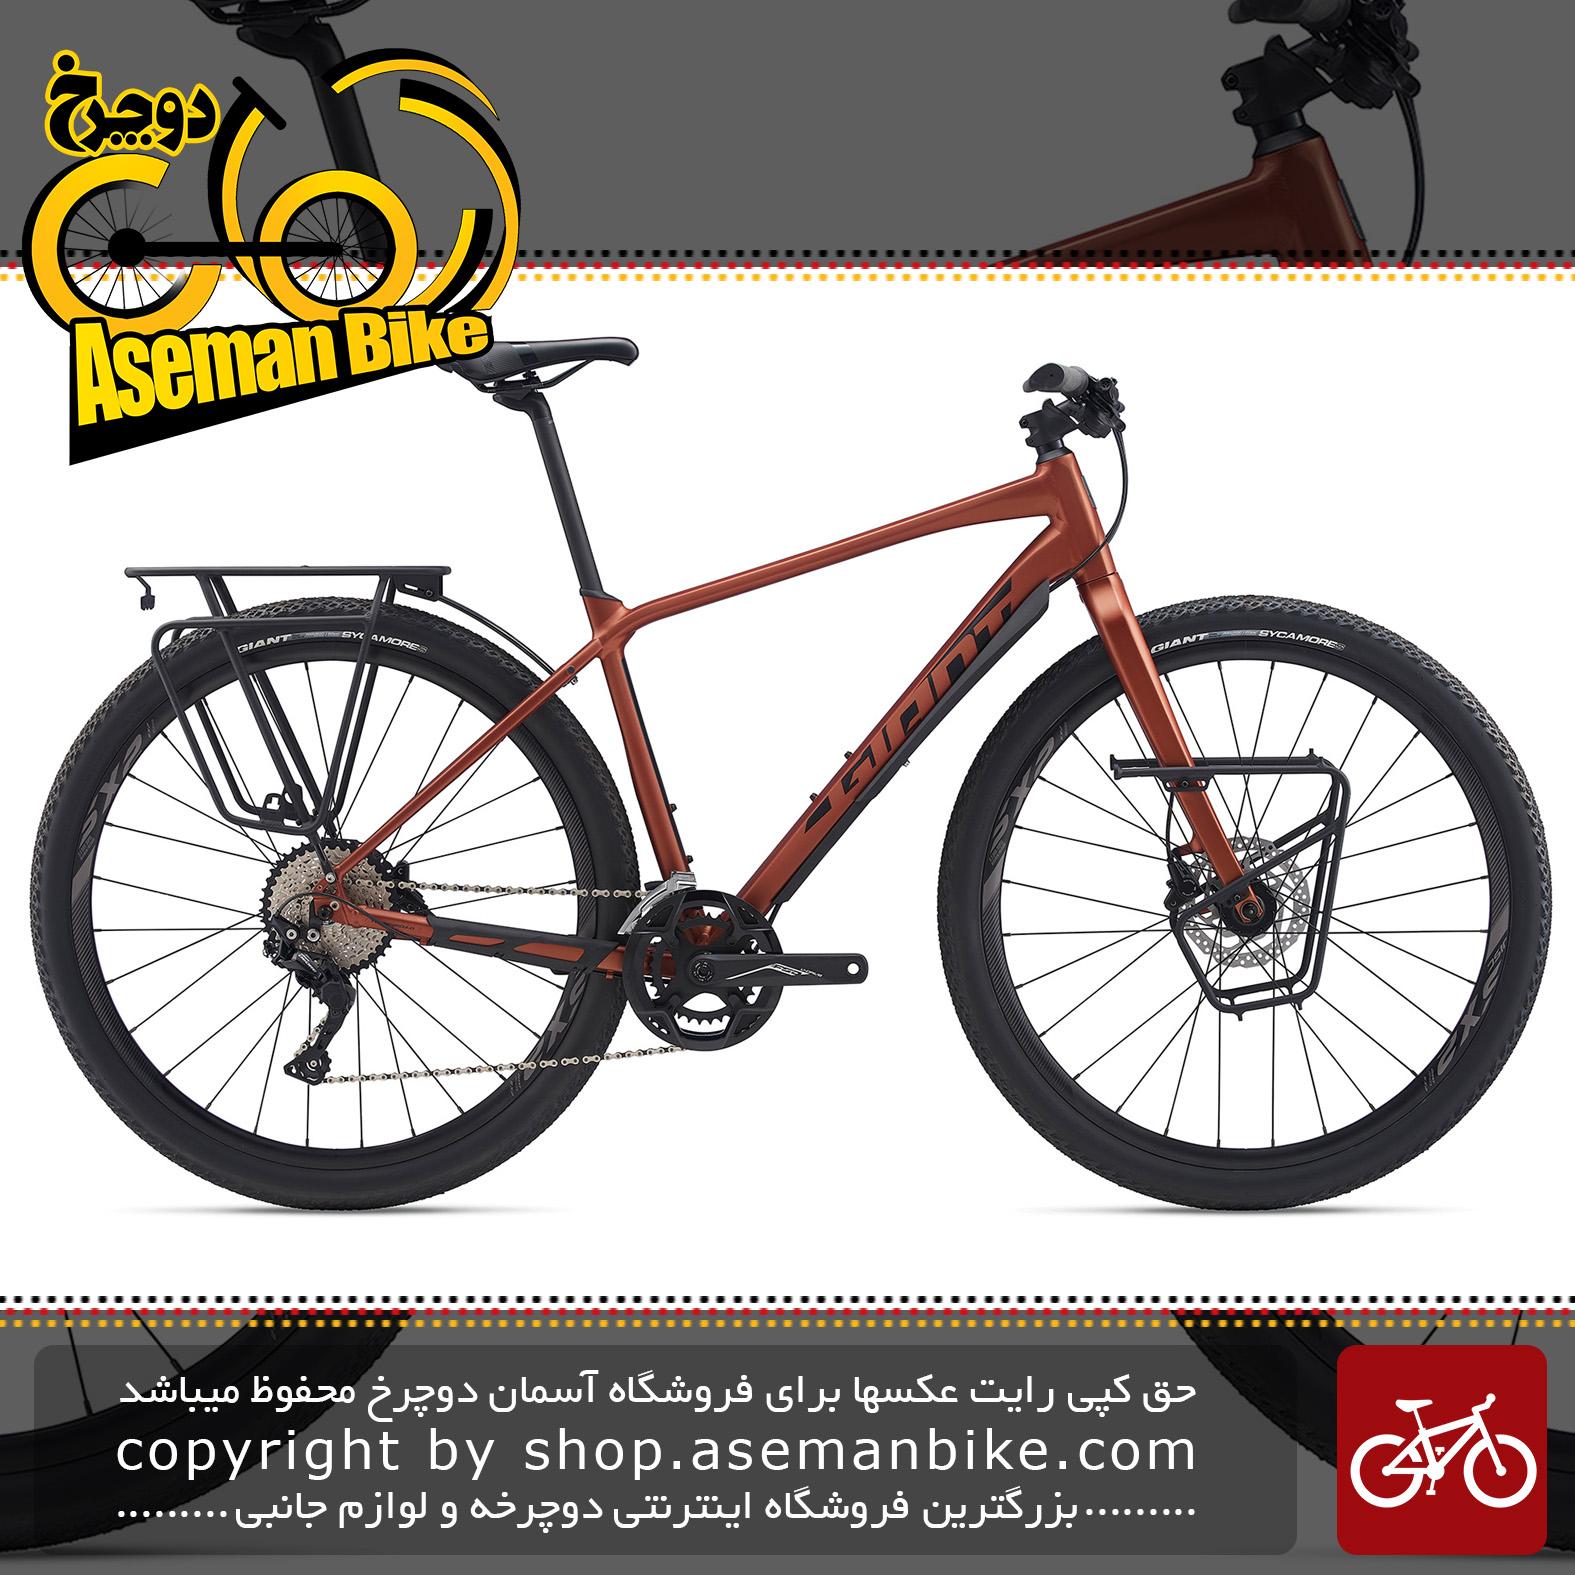 دوچرخه شهری توریستی جاینت مدل تافروود اس ال آر 1 2020 Giant Adventure Bicycle ToughRoad SLR 1 2020